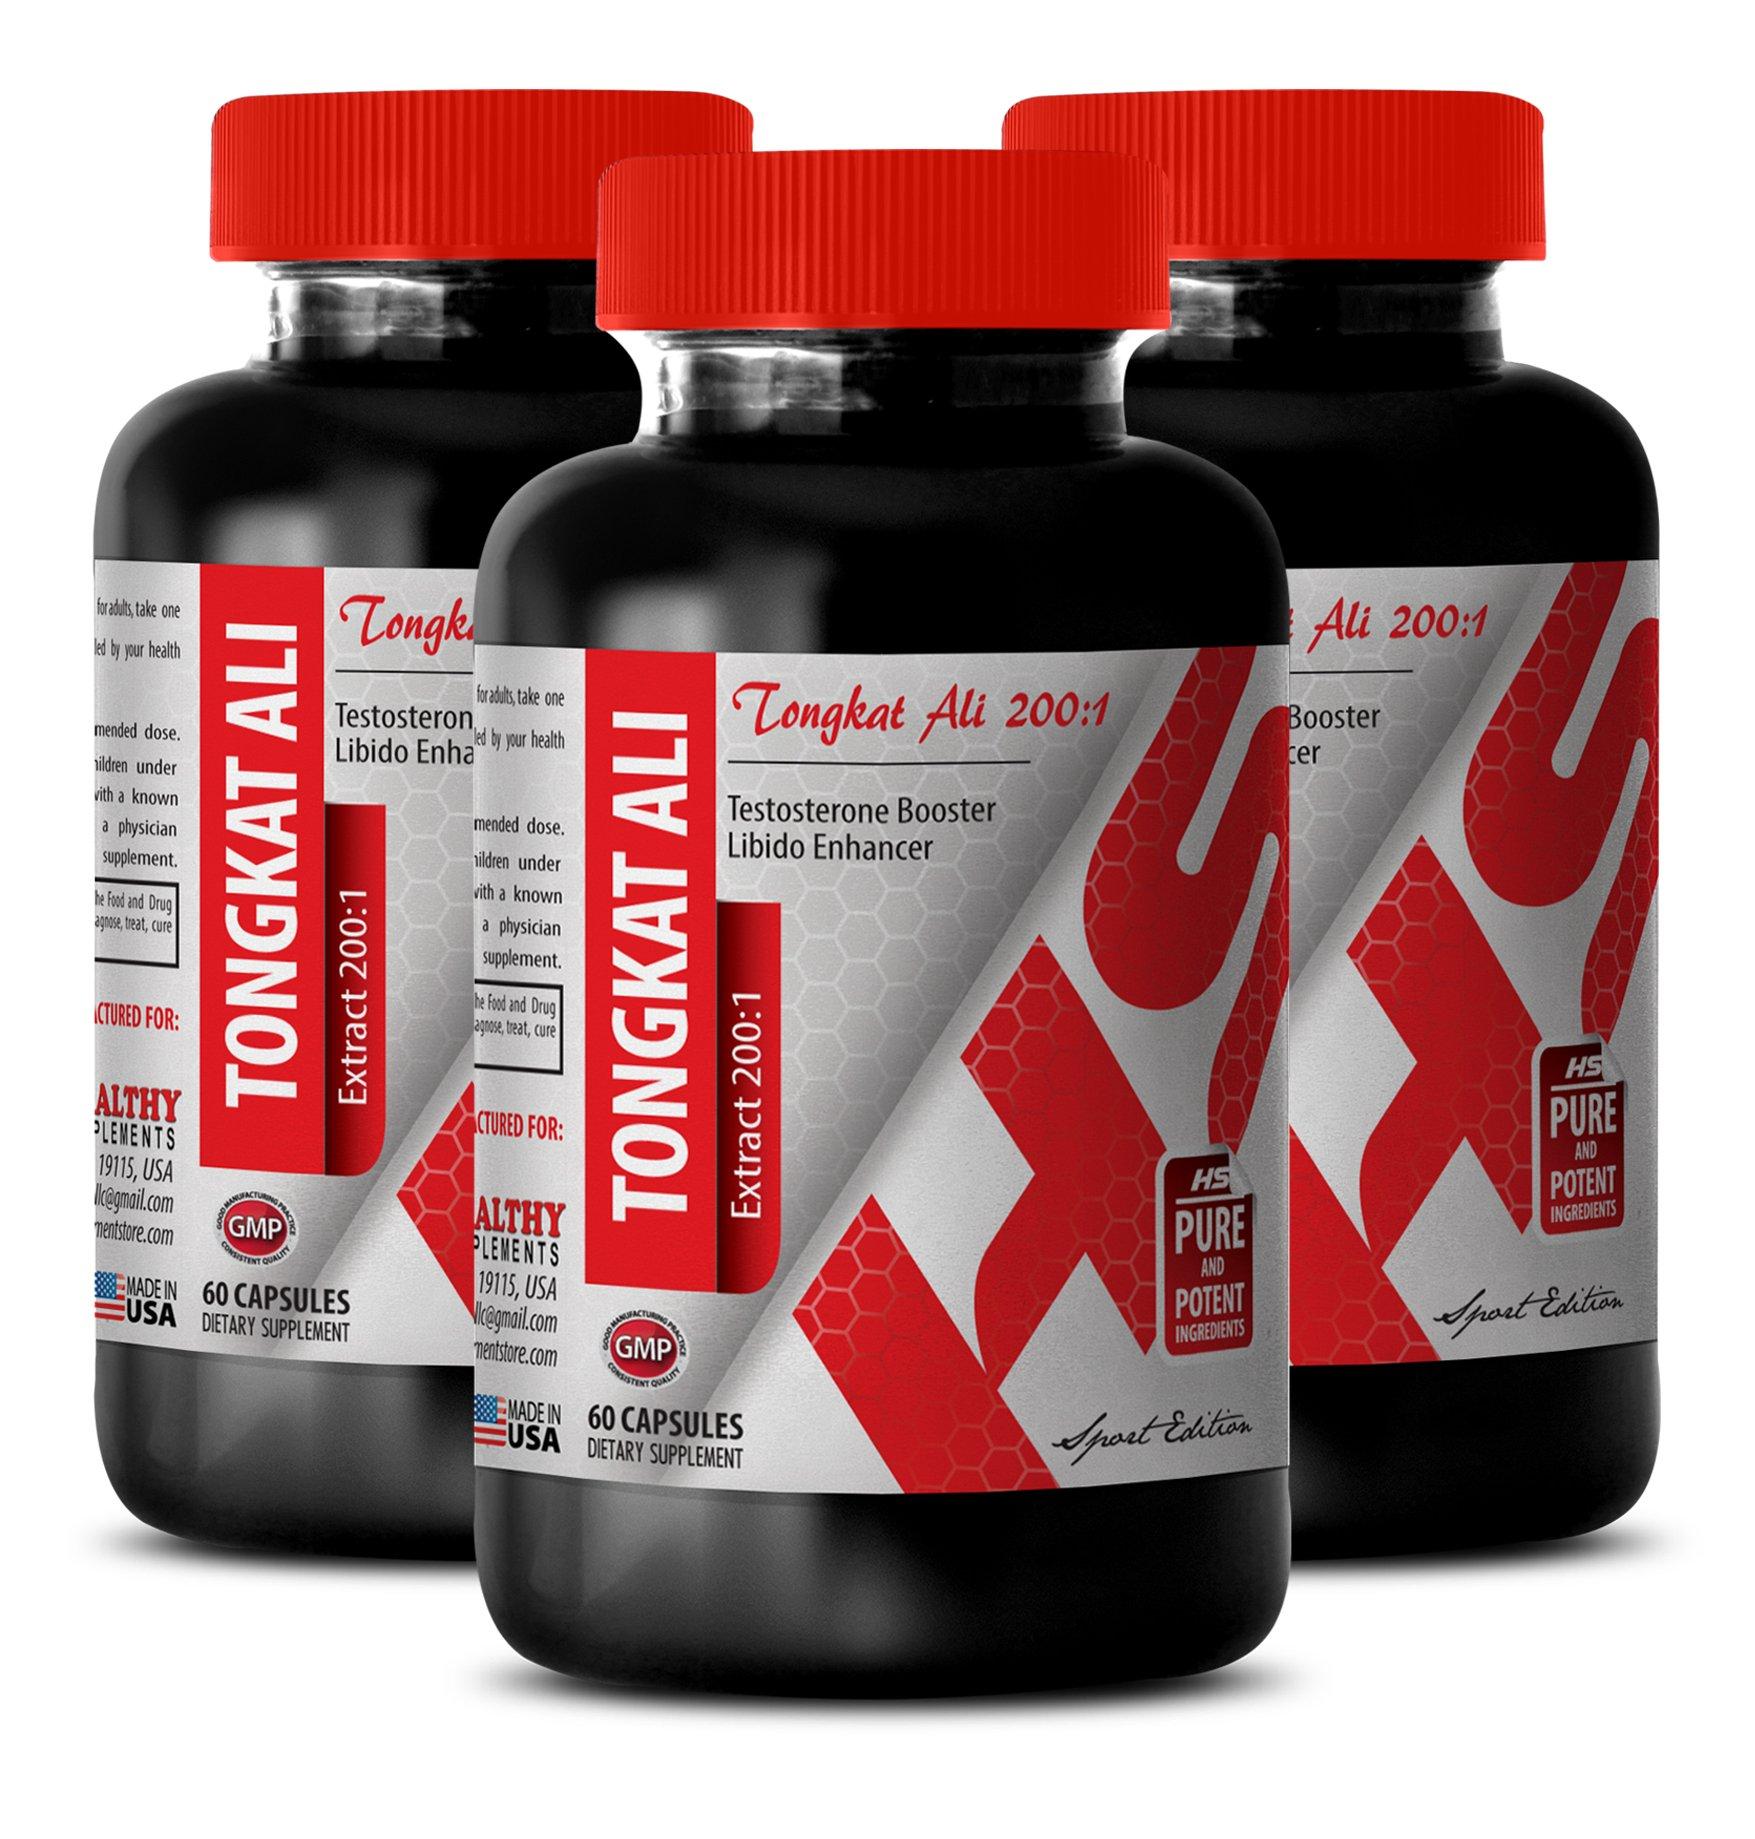 Natural male enhancing pills - TONGKAT ALI ROOT EXTRACT 400Mg - Tongkat Ali pure - 3 Bottles 180 Capsules